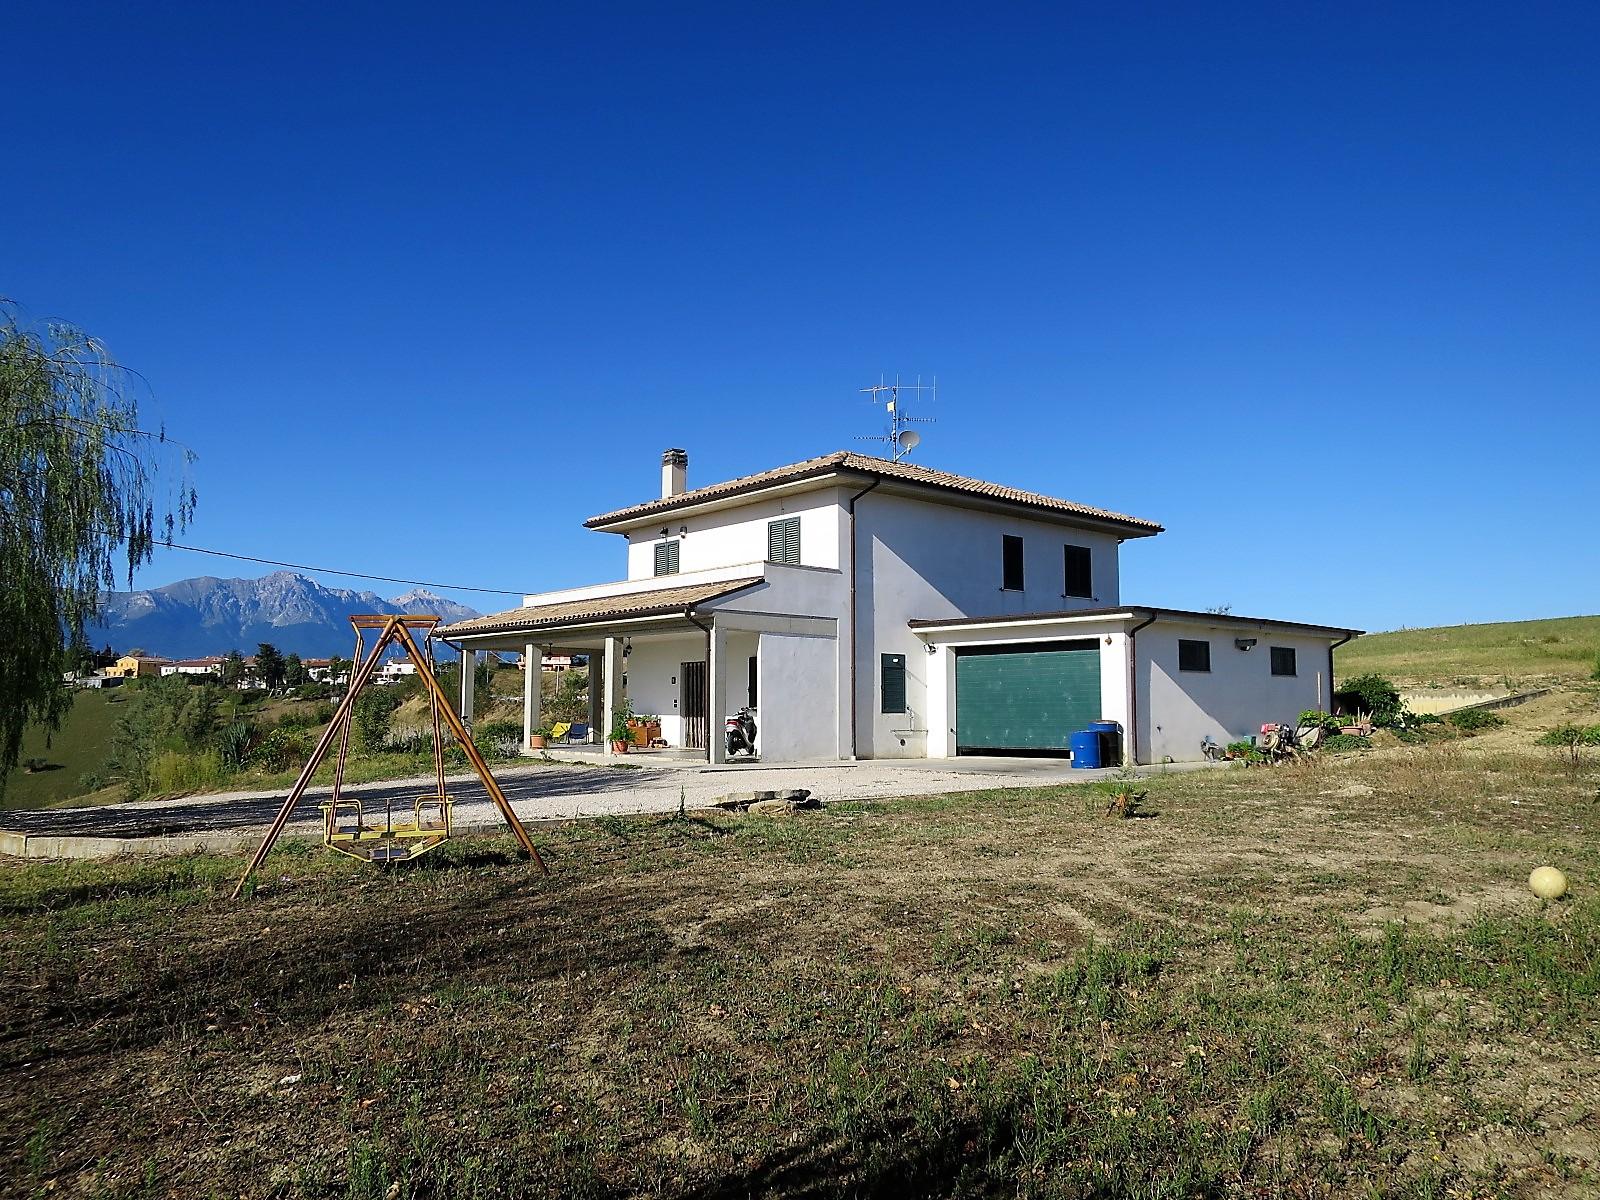 Country Houses Country Houses for sale Montefino (TE), Villa Como - Montefino - EUR 251.198 260